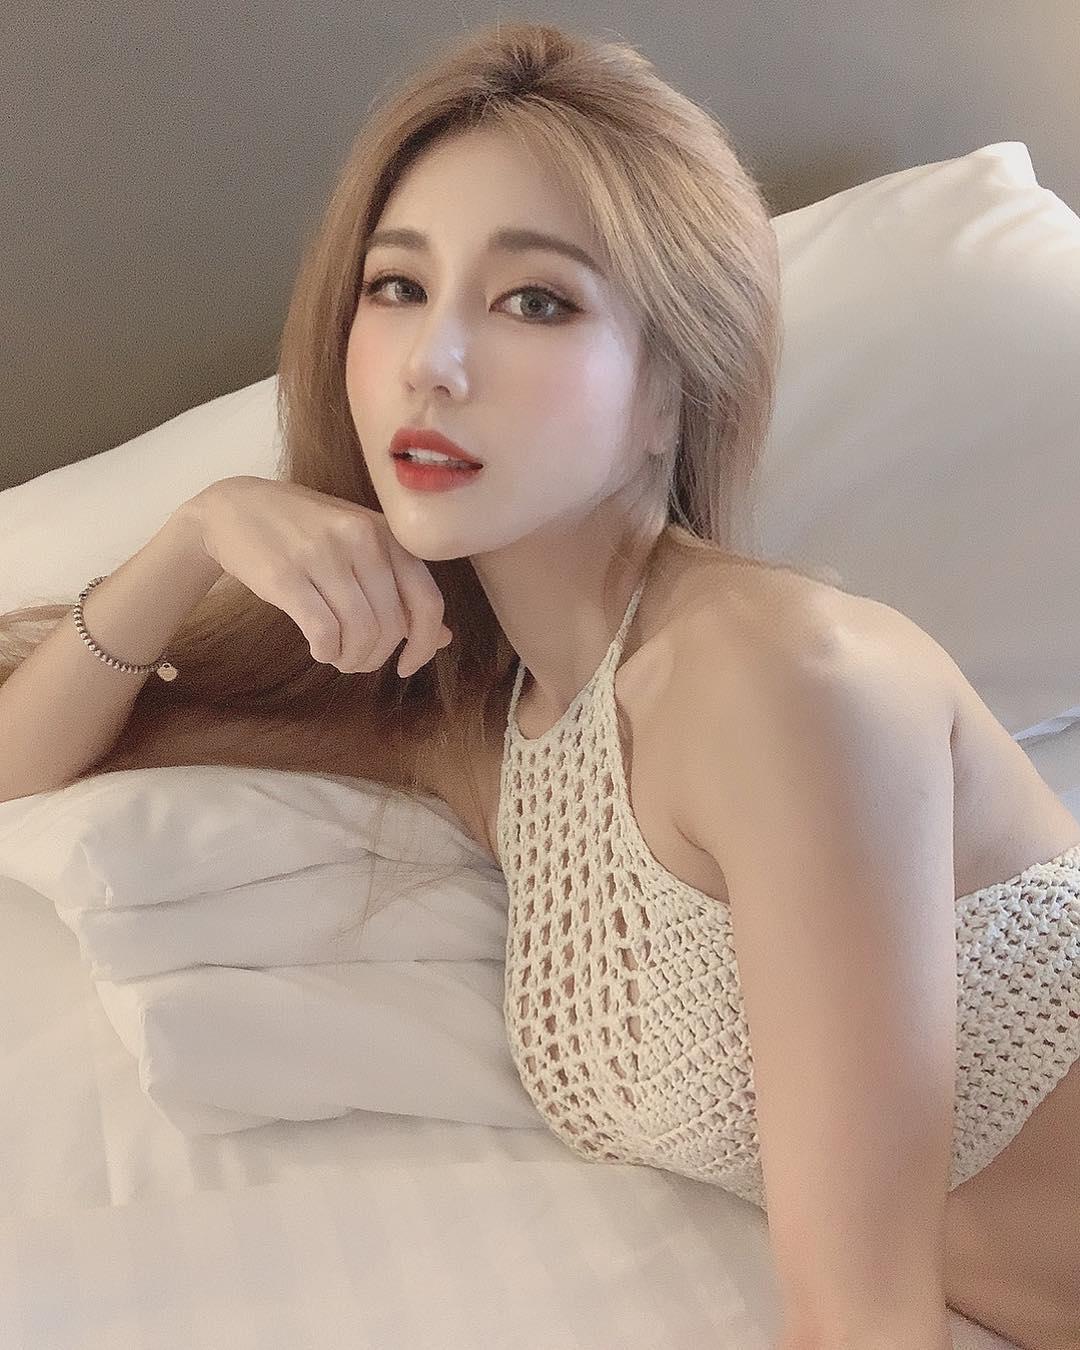 nữ dj xinh đẹp - siena sexy với áo trắng